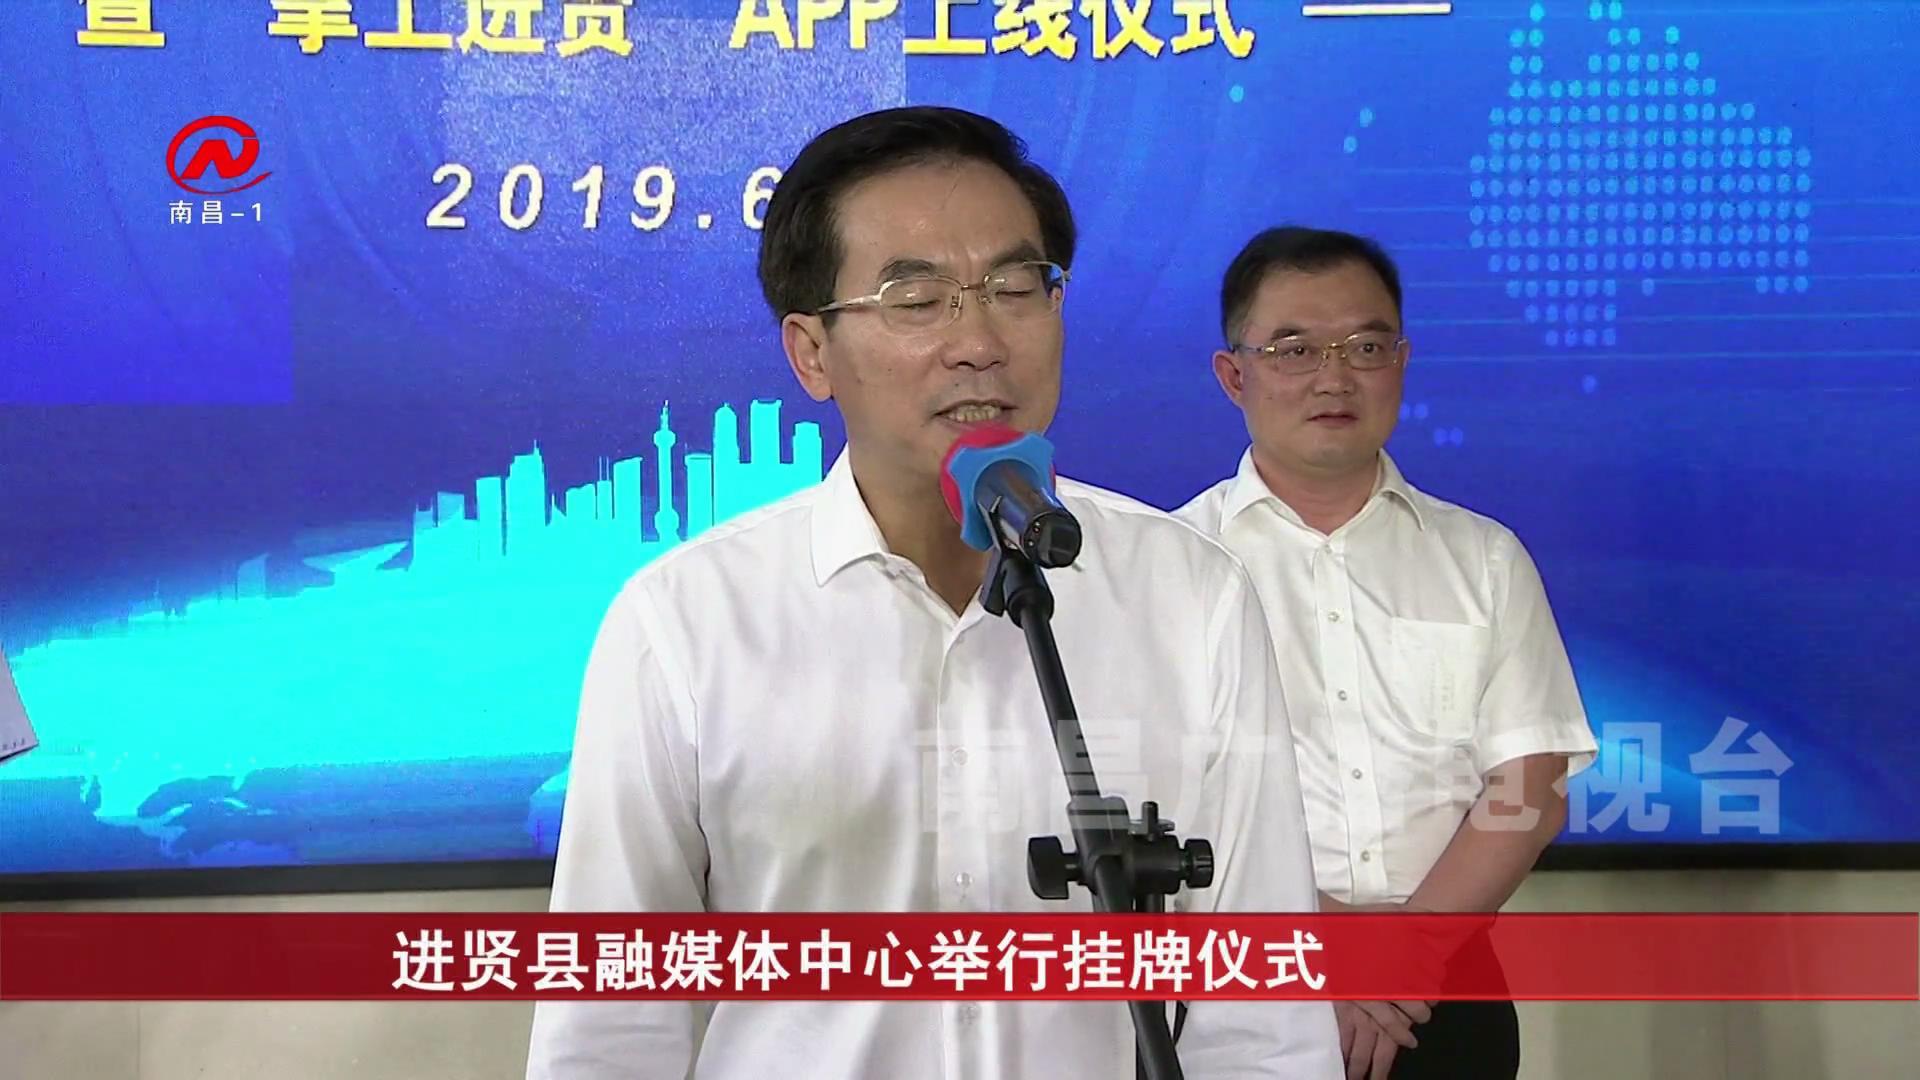 進賢縣融媒體中心舉行揭牌儀式